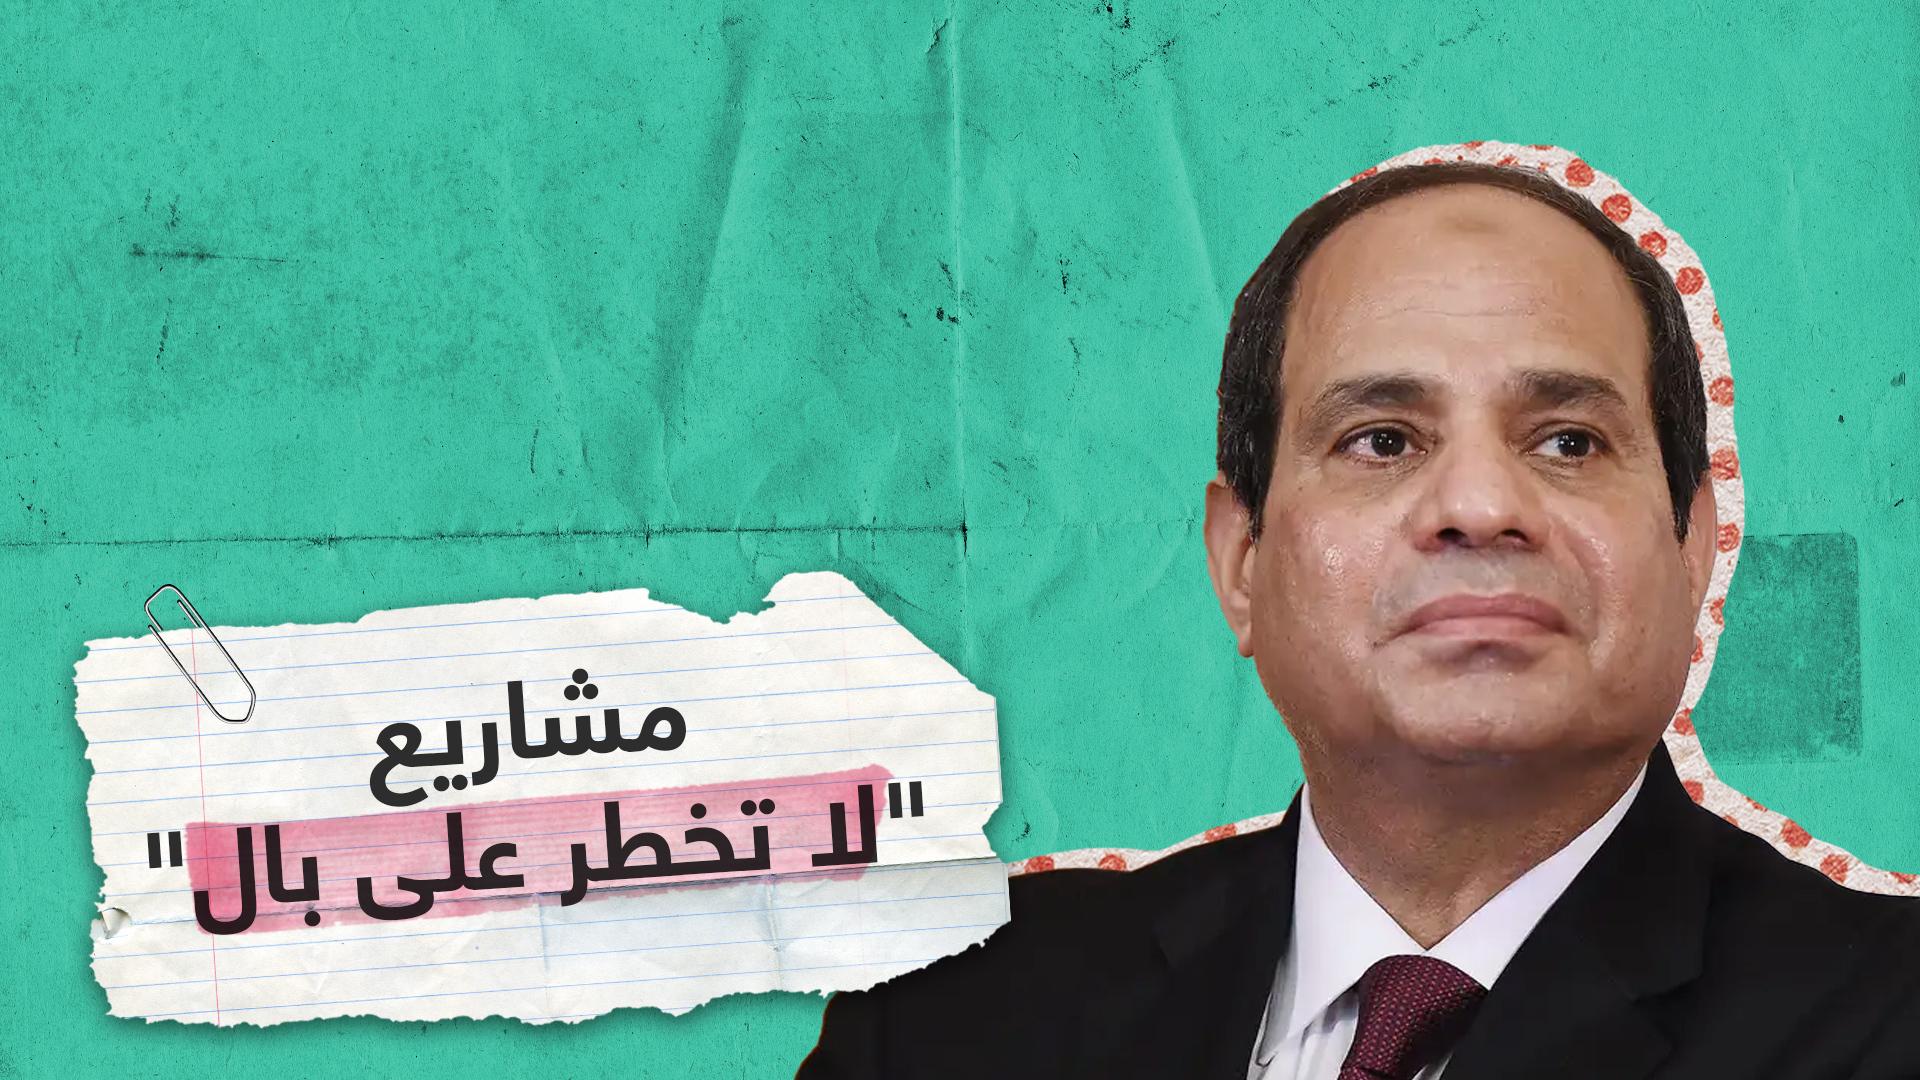 السيسي: مشاريع بمصر لم تخطر على بال أحد